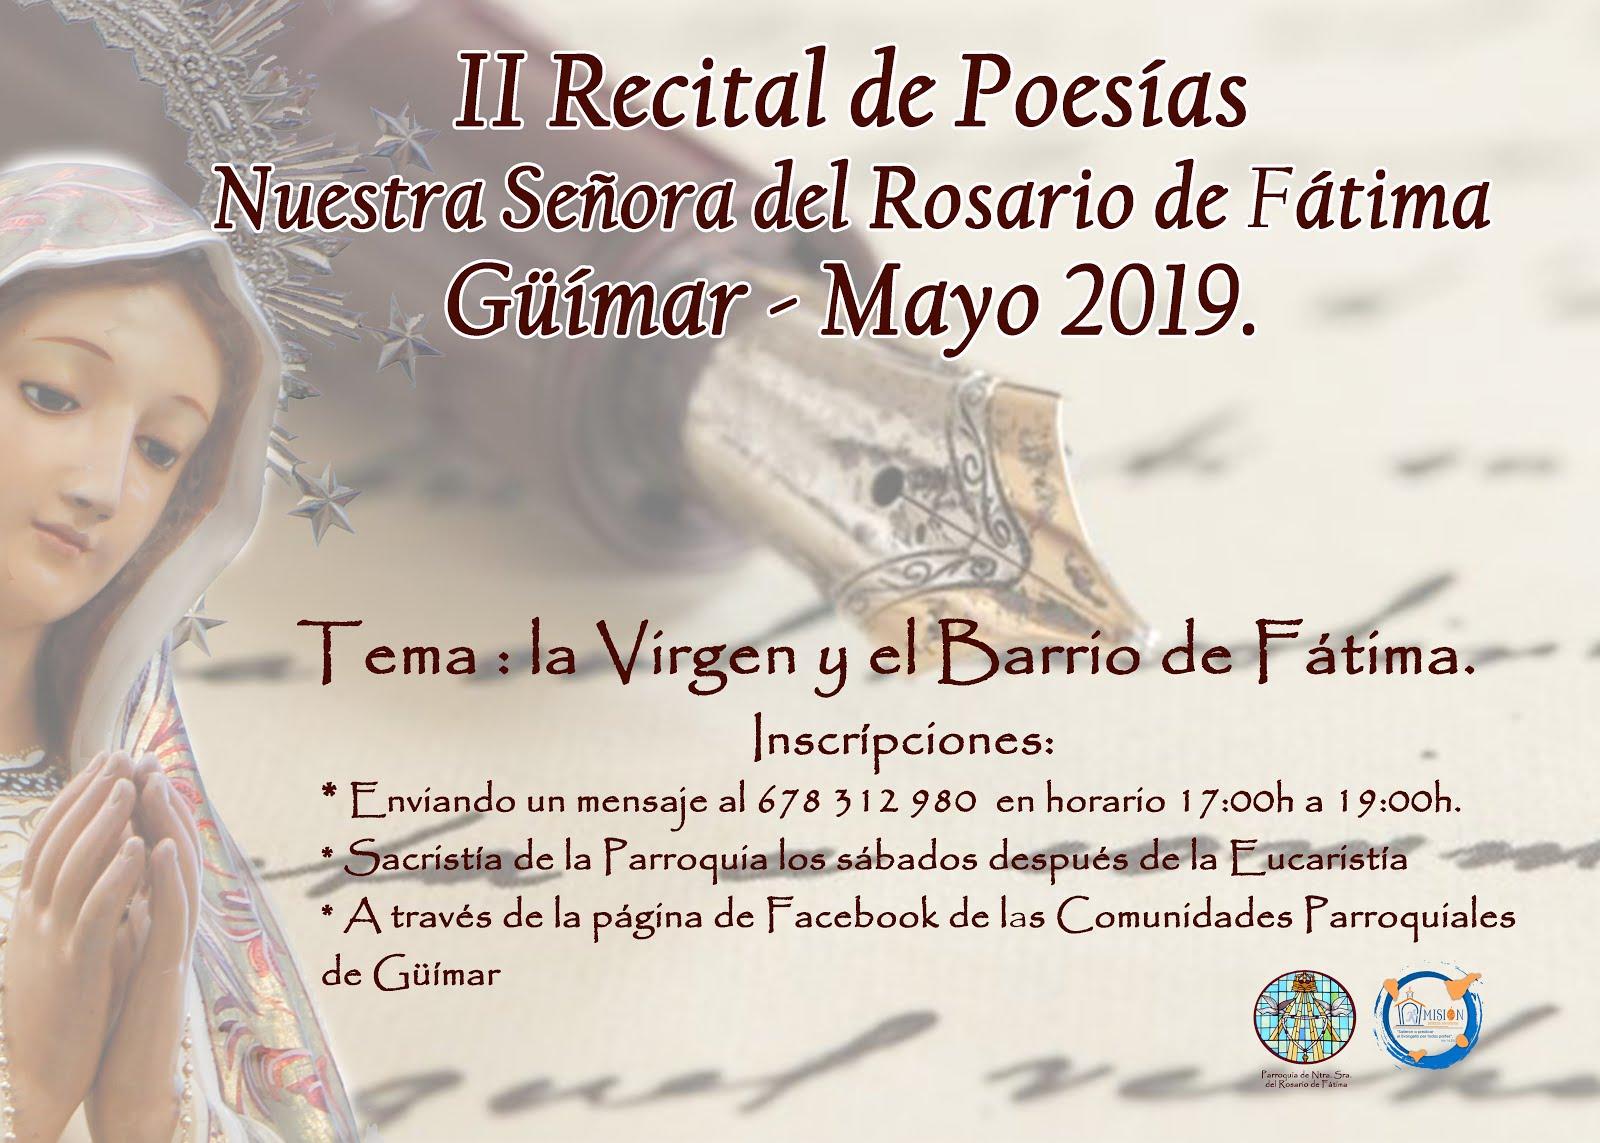 Incríbete en el 2º Recital de Poesía  Ntra. Sra. del Rosario de Fátima